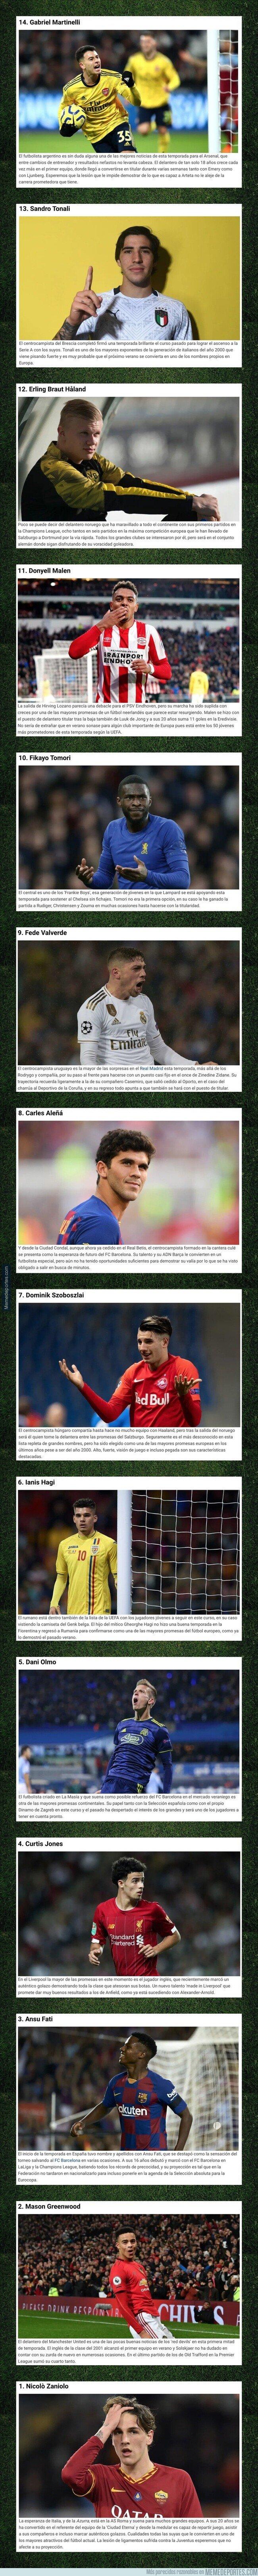 1095701 - Estos son los 14 futbolistas con mayor potencial que puedes fichar en el FIFA 20